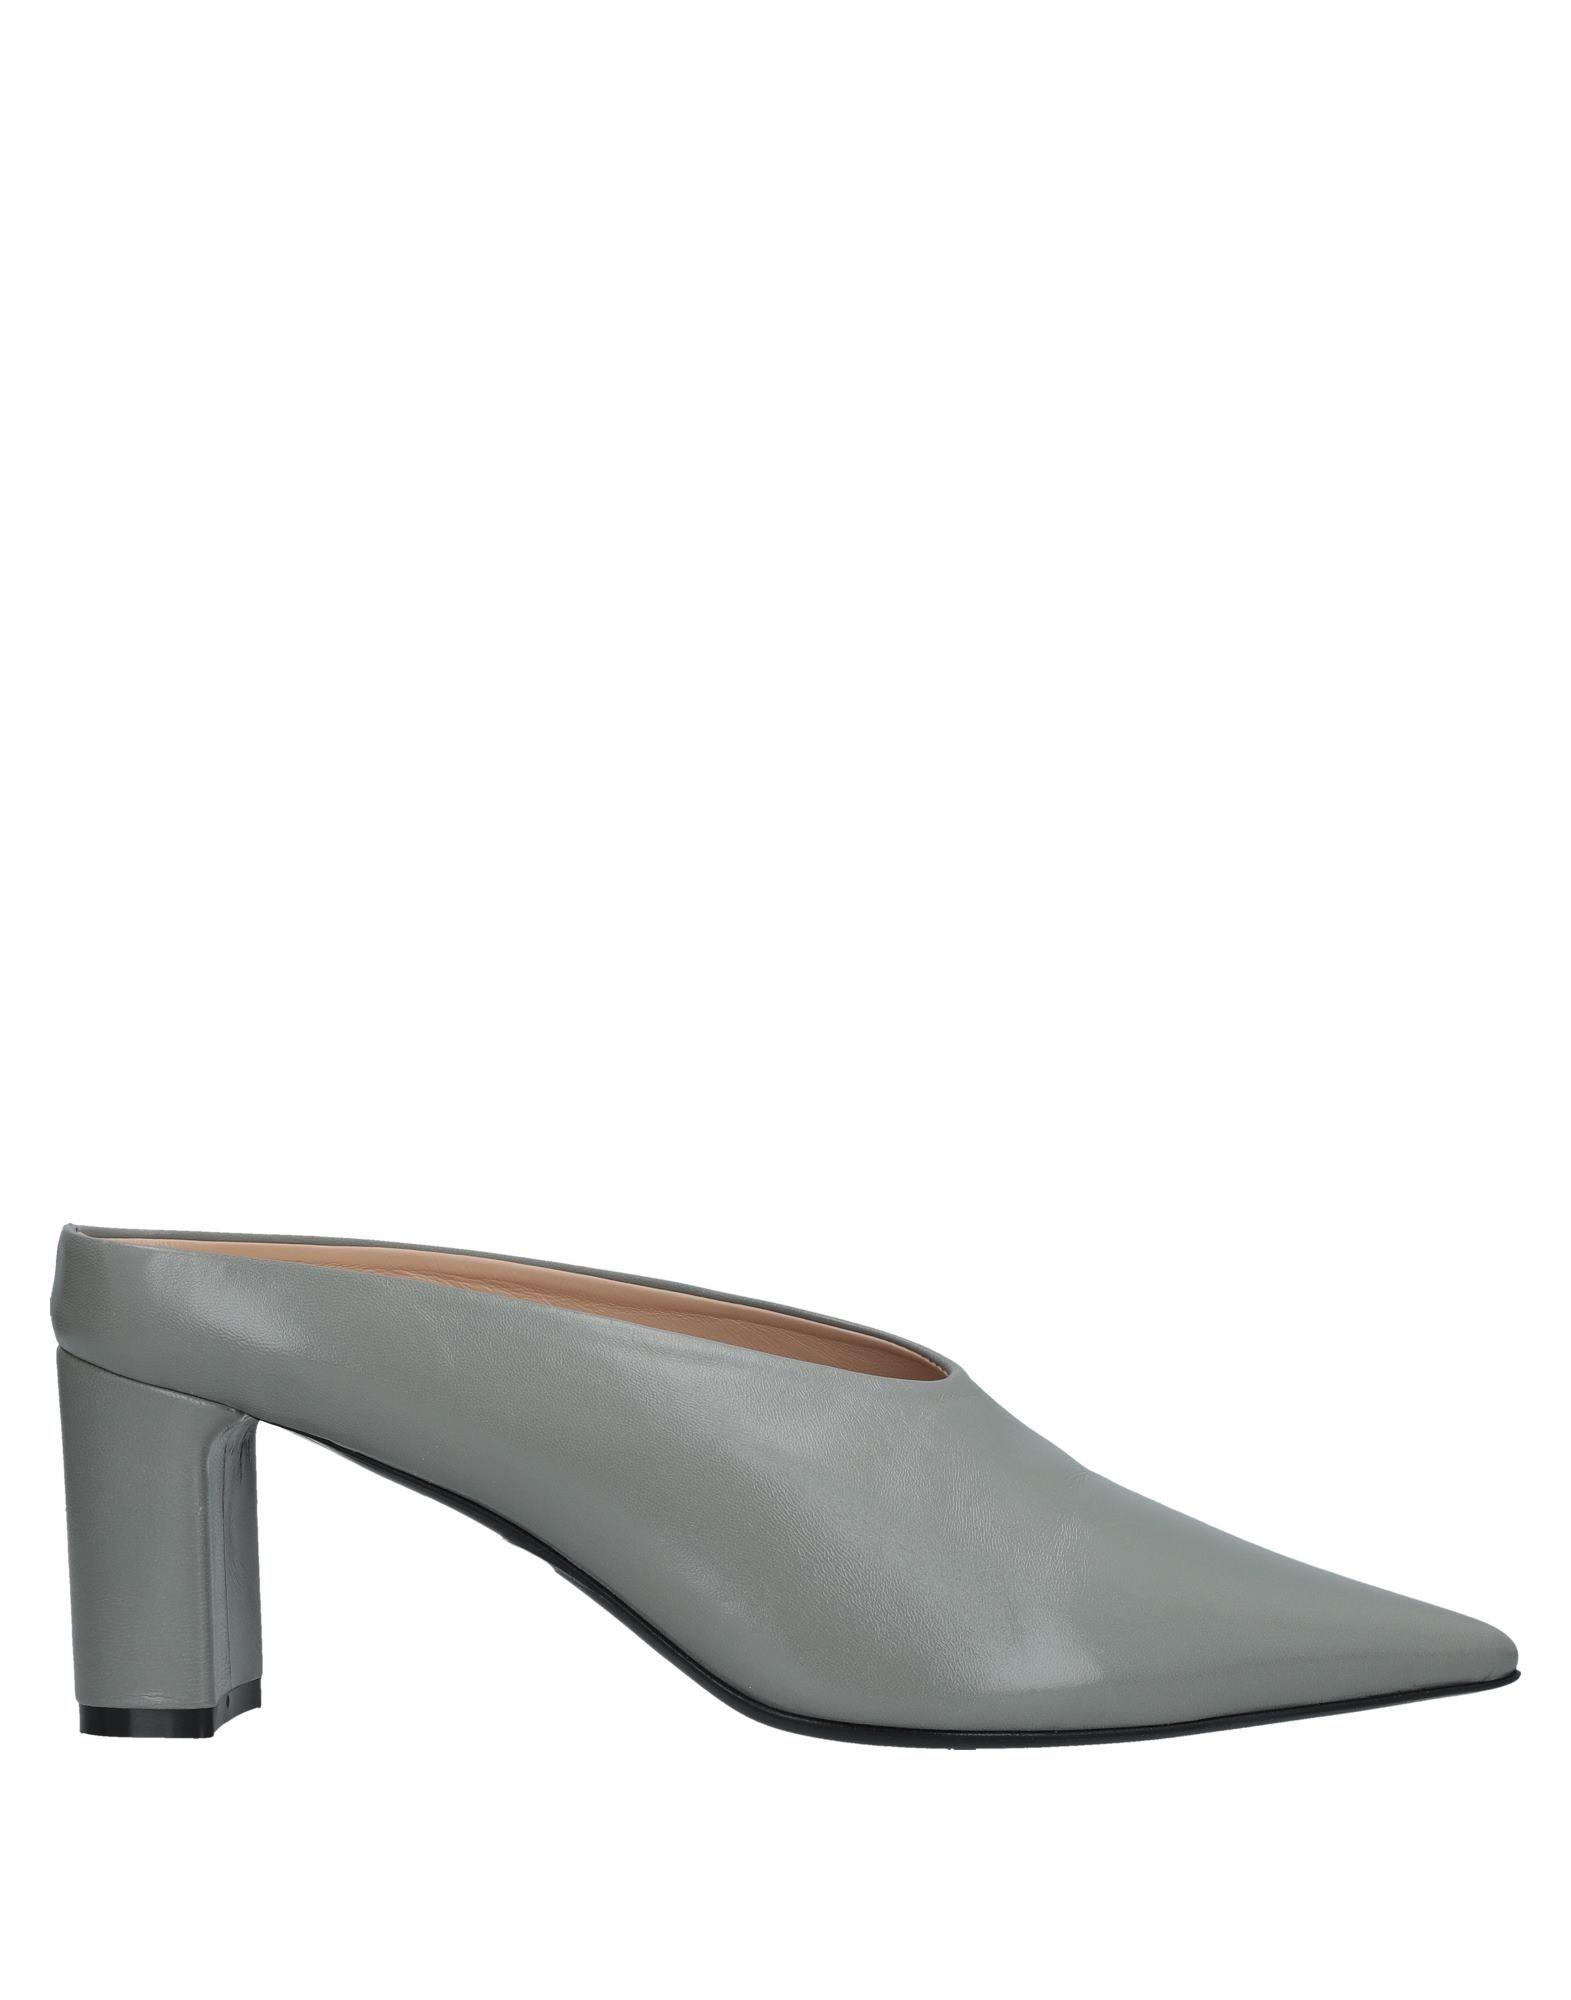 Rabatt Schuhe Erika Damen Cavallini Pantoletten Damen Erika  11531046WA 23bac8